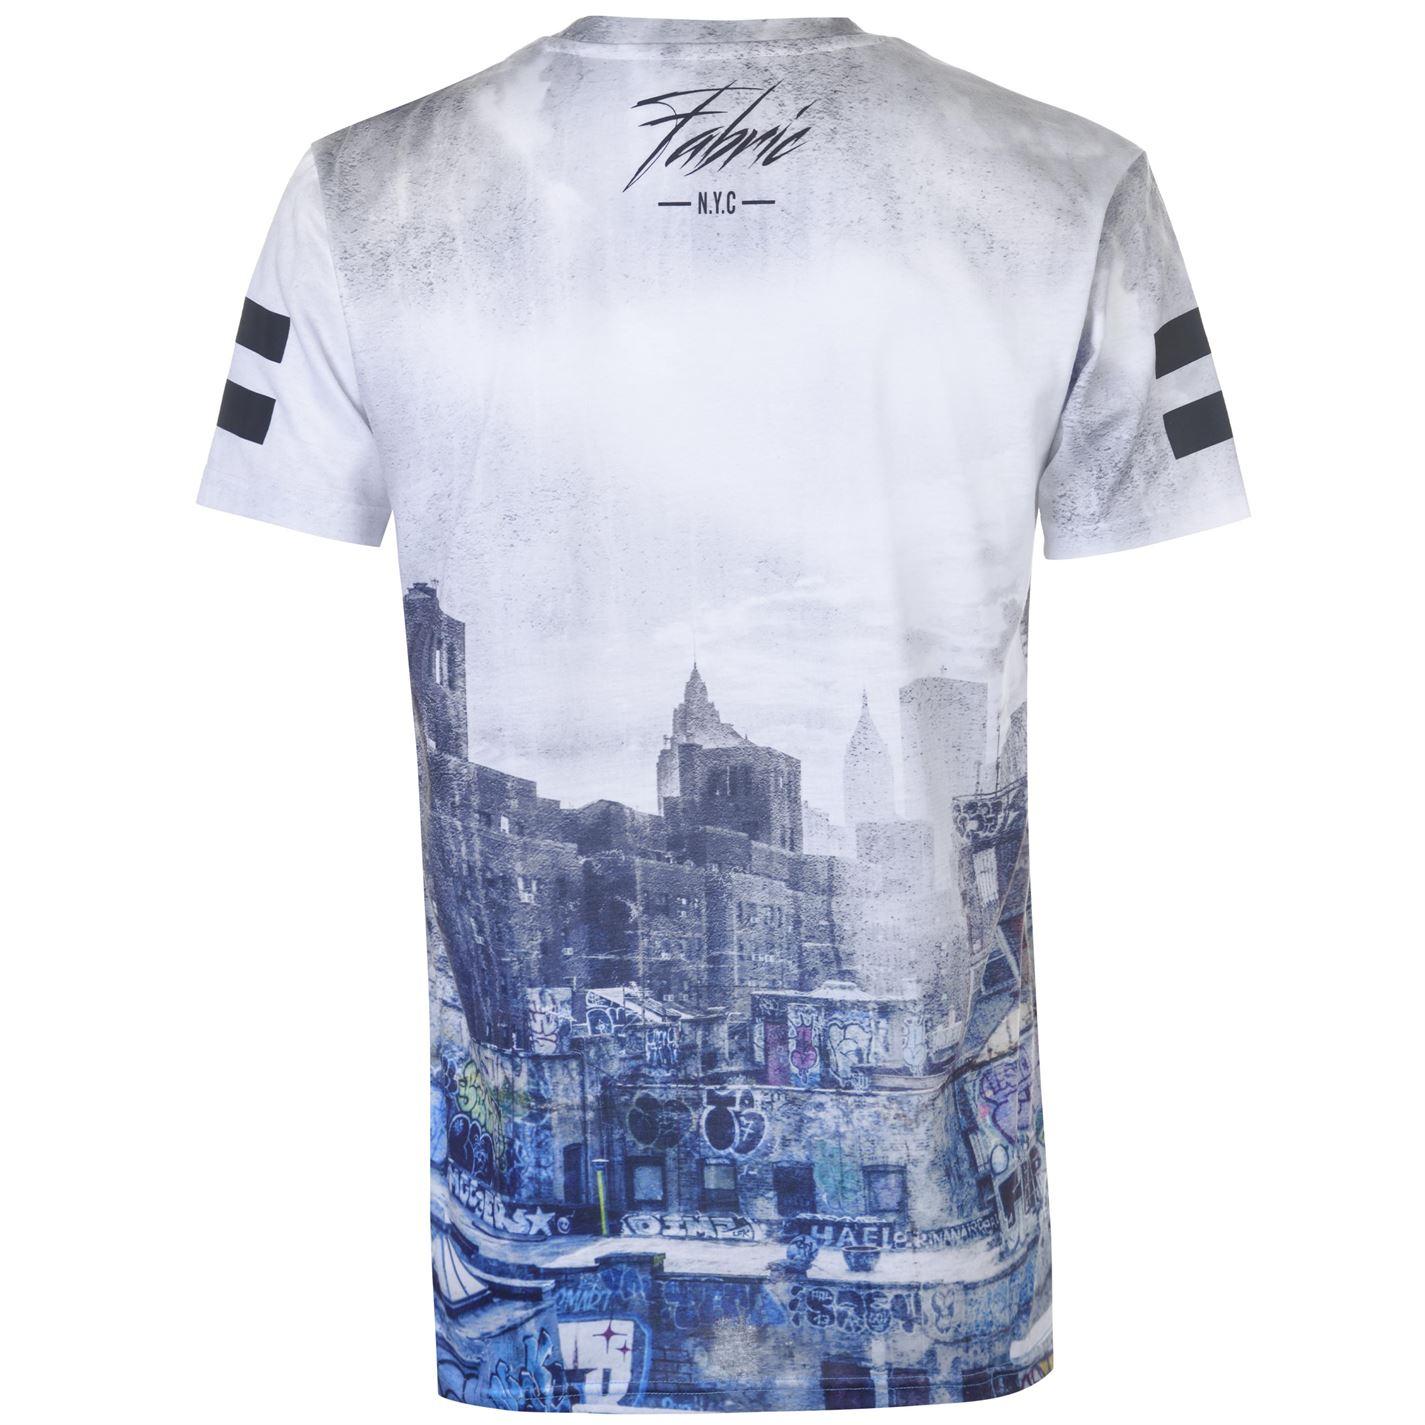 Tissu Sublimation T Shirt Homme Homme À Encolure Ras-Du-Cou Tee Top à manches courtes classic fit